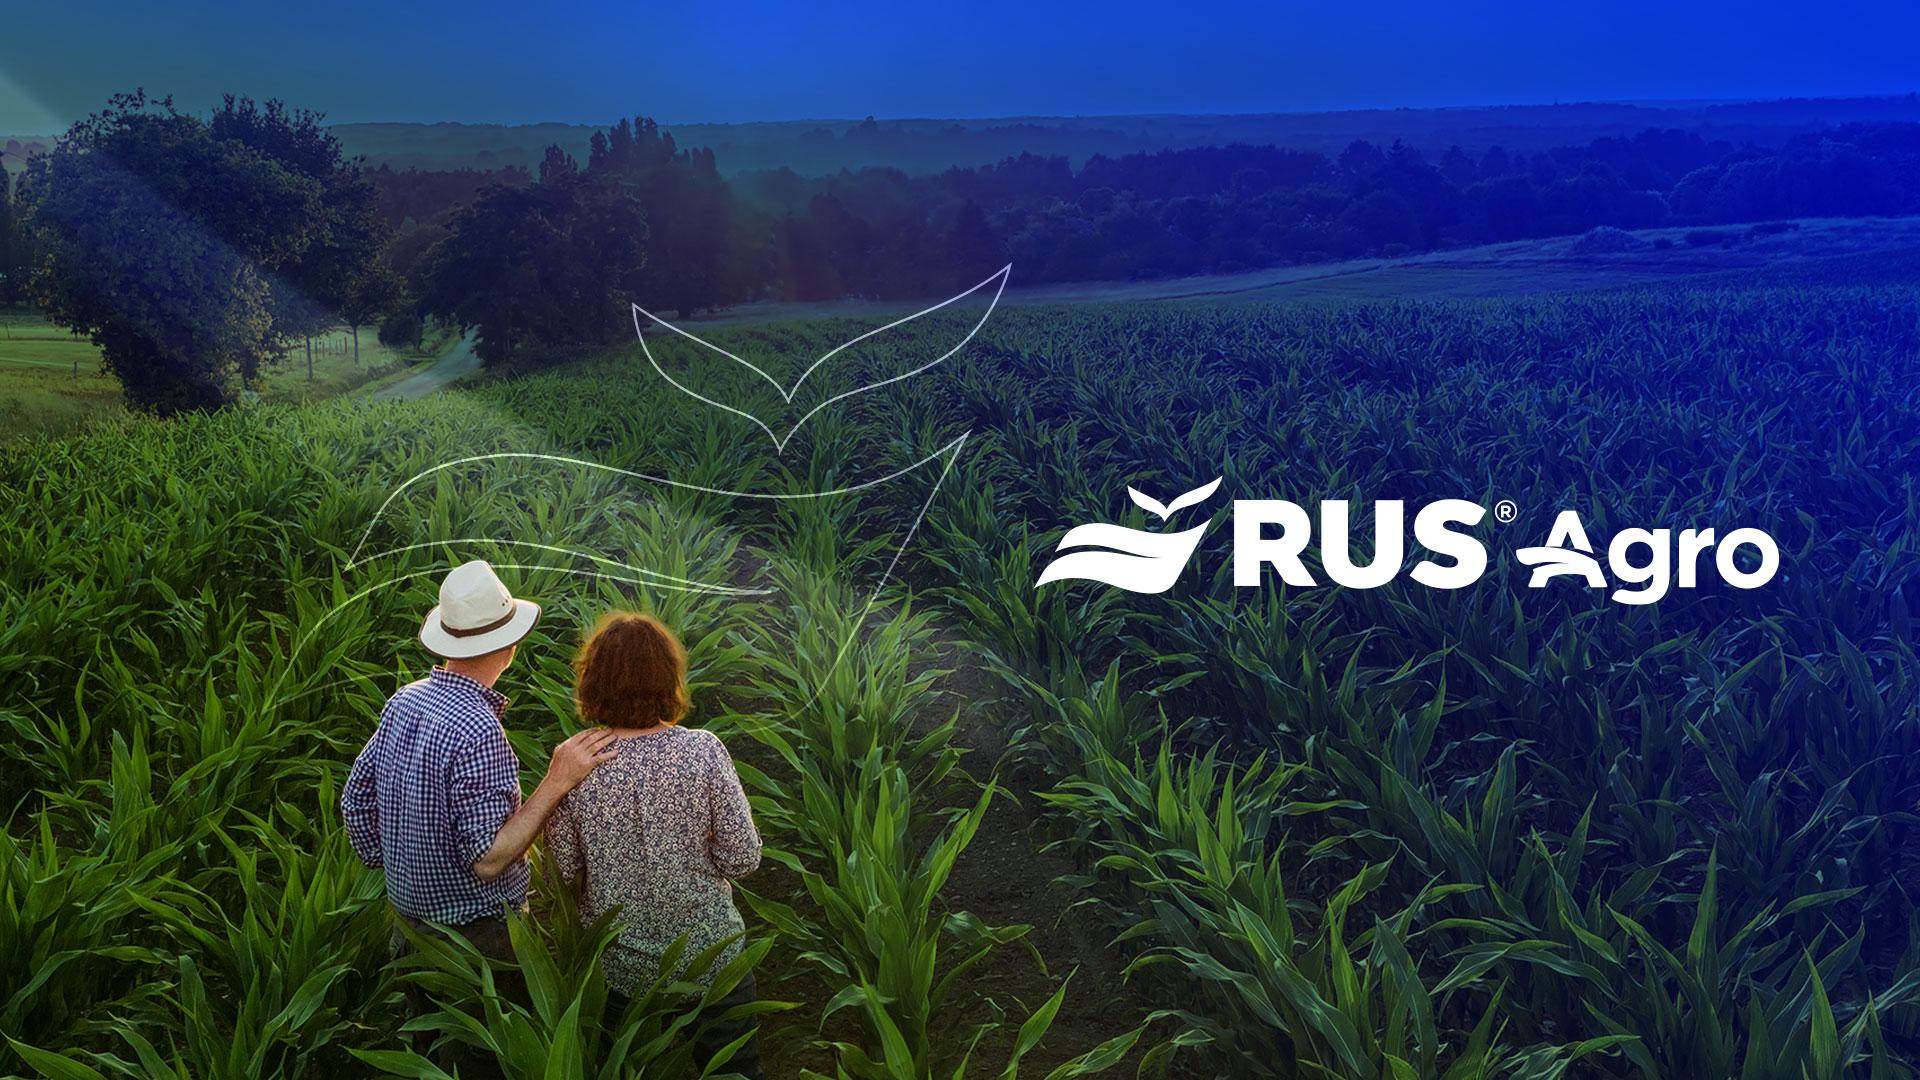 Protegiendo toda la cadena agroindustrial